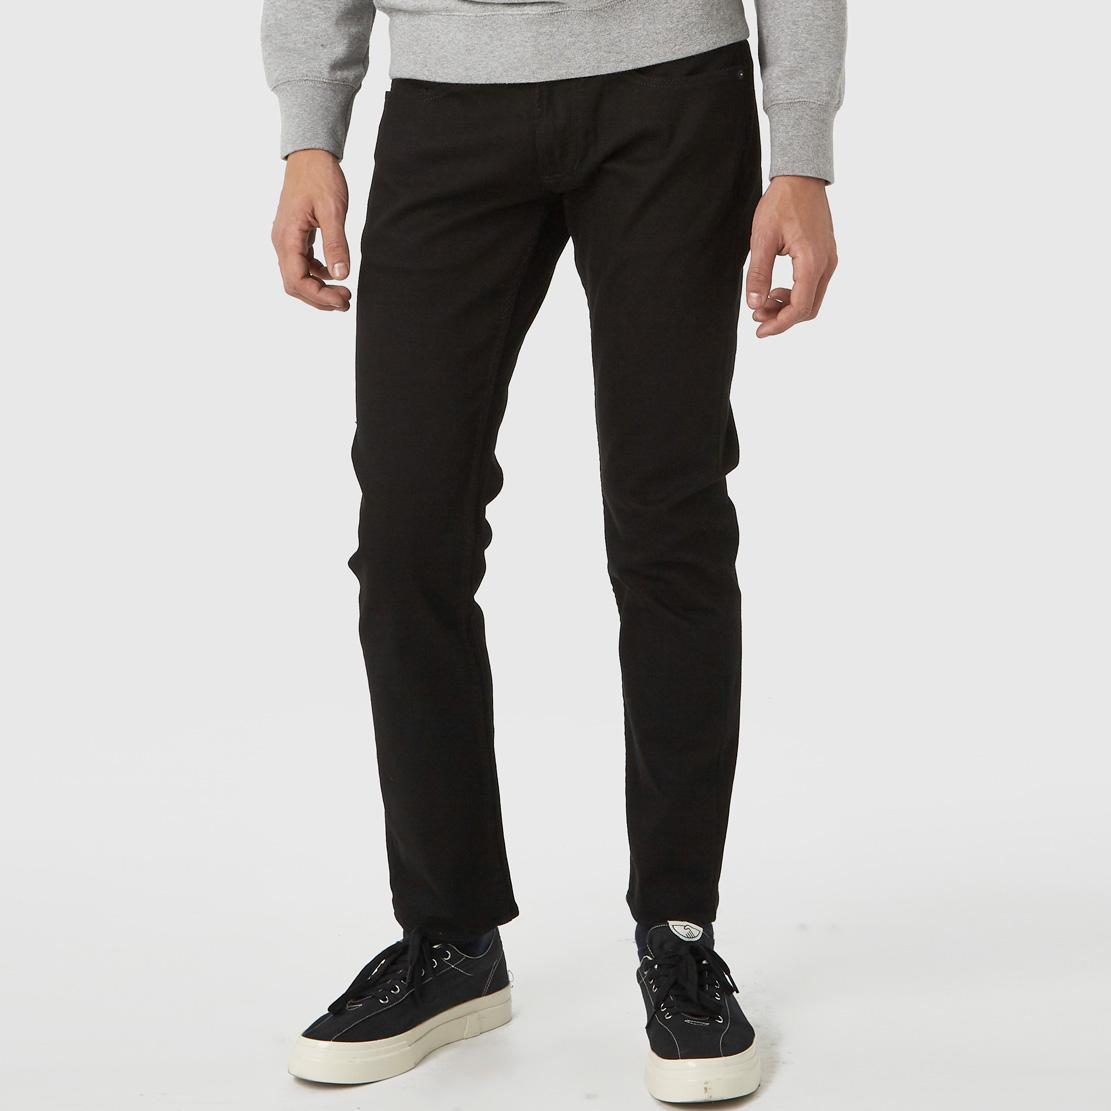 Ryan Stay Black Rinse - Svarta Veganska Jeans i ekologisk & återvunnen bomull